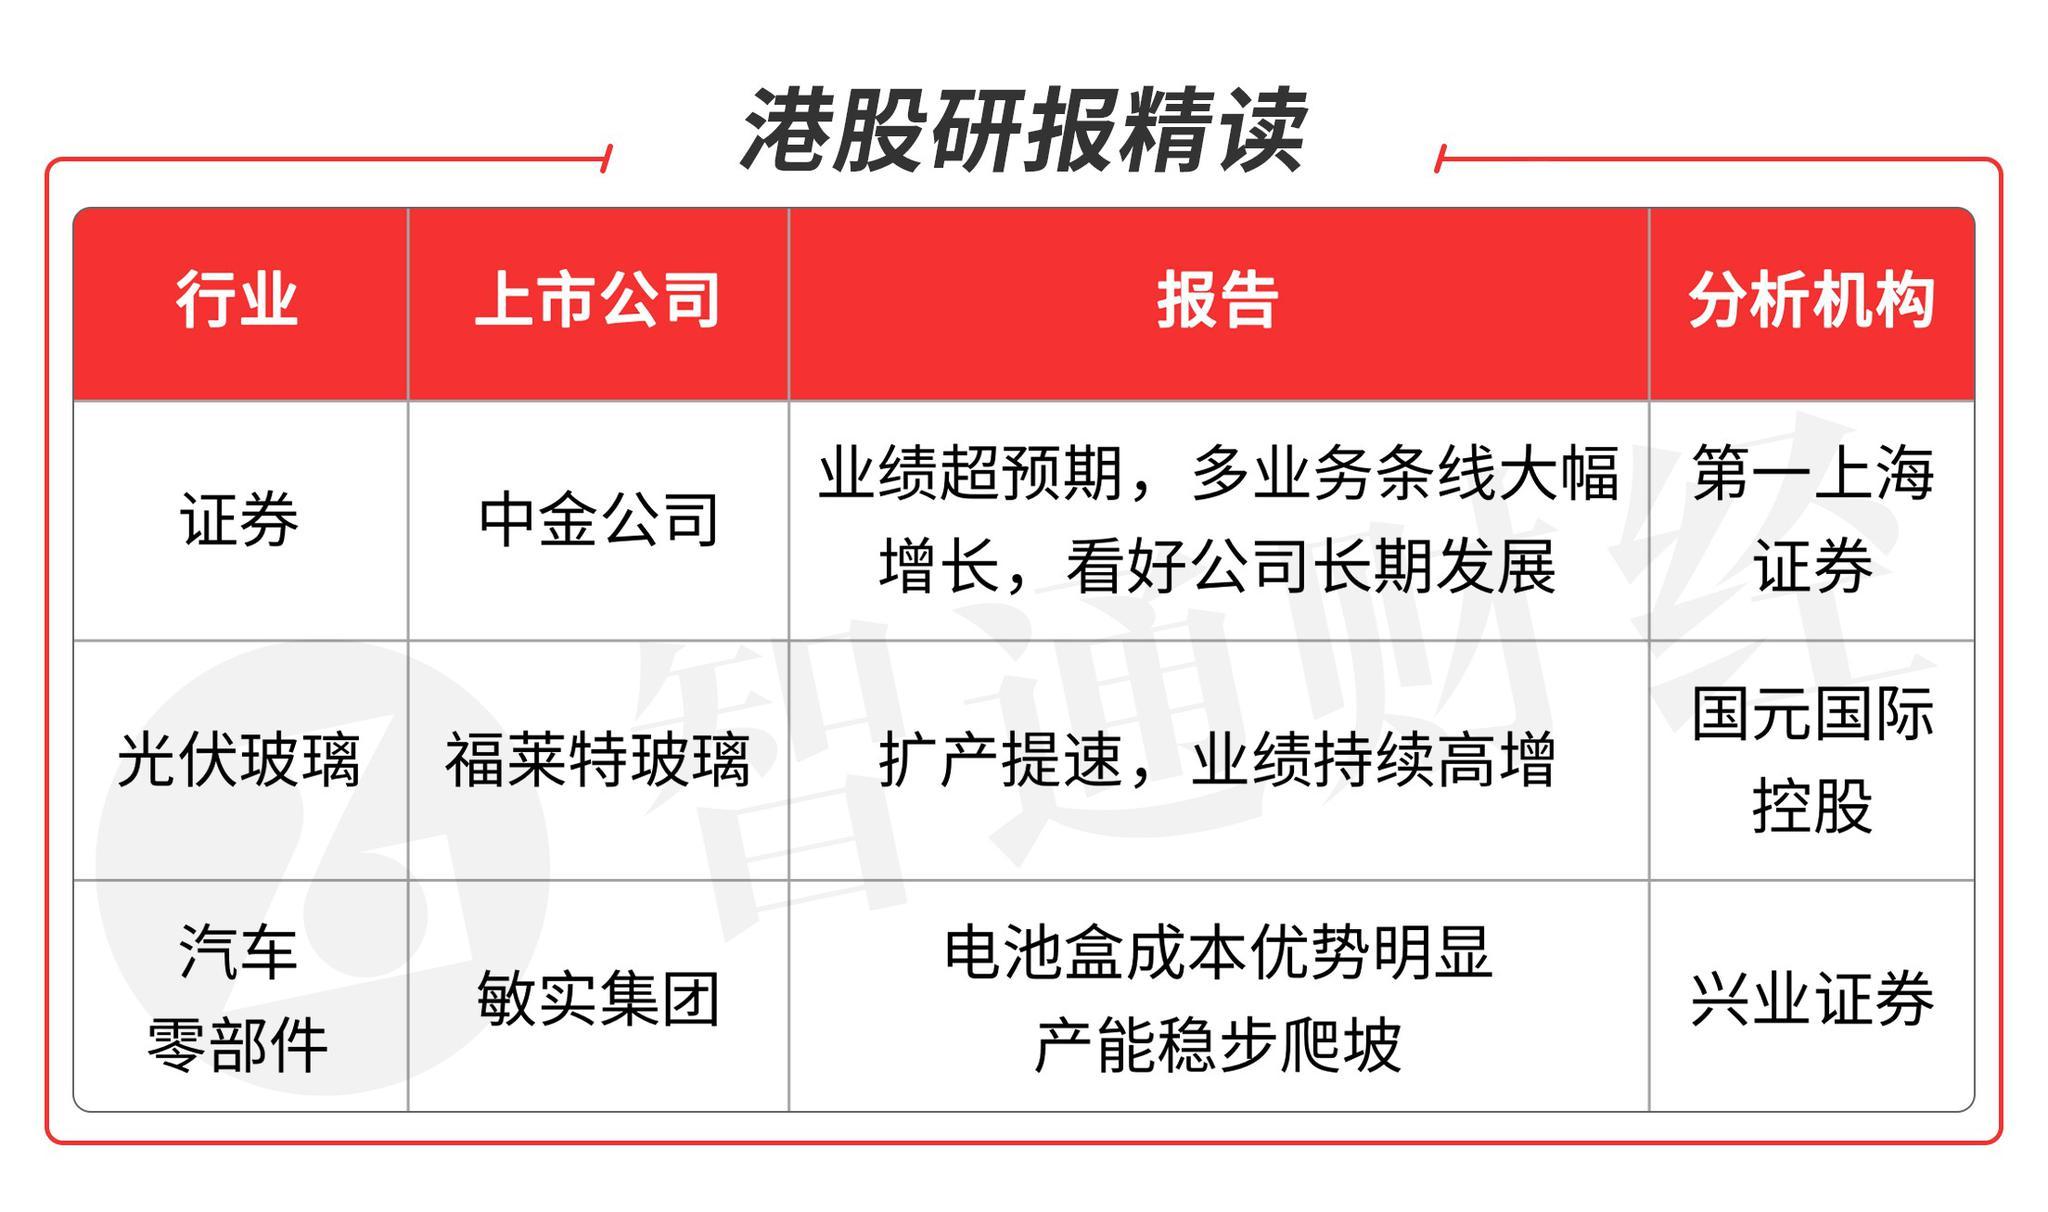 智通港股研报精读(06.18) | 继续关注券商龙头机会 敏实集团(00425)电池盒5年CAGR有望高达46%